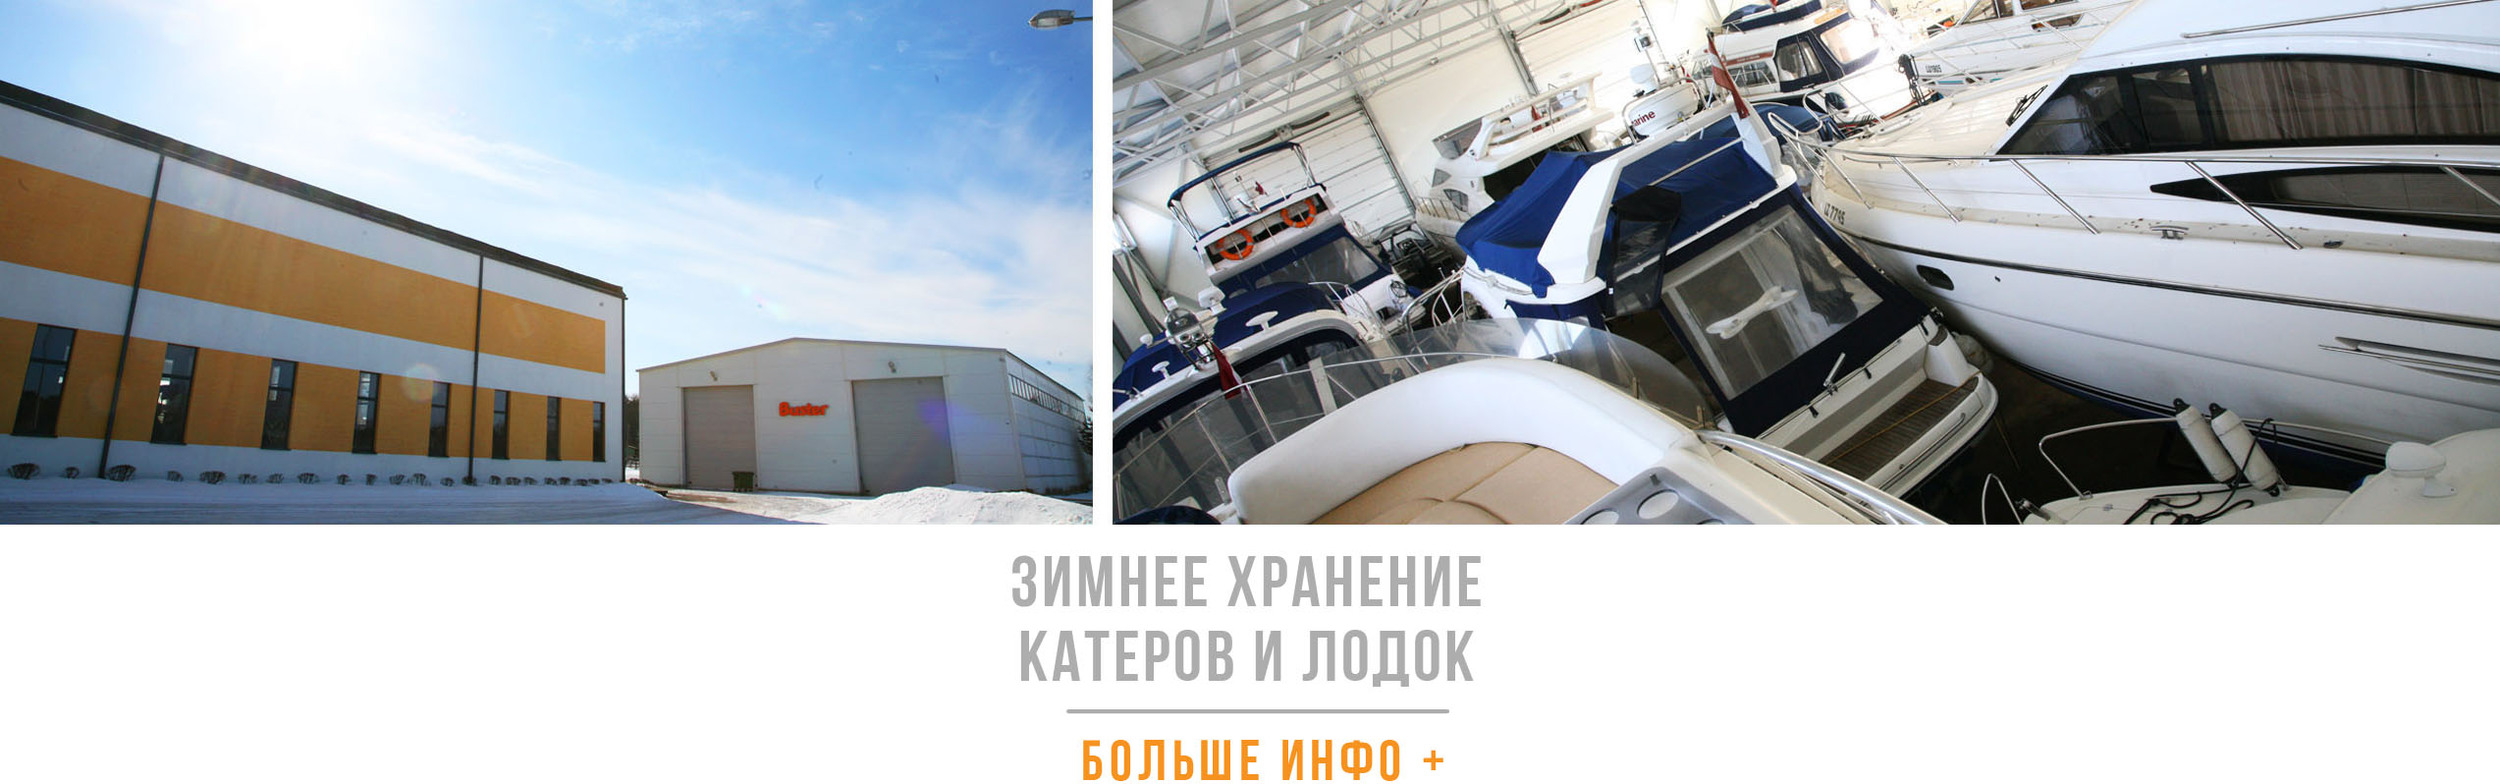 glabasana_ru.jpg